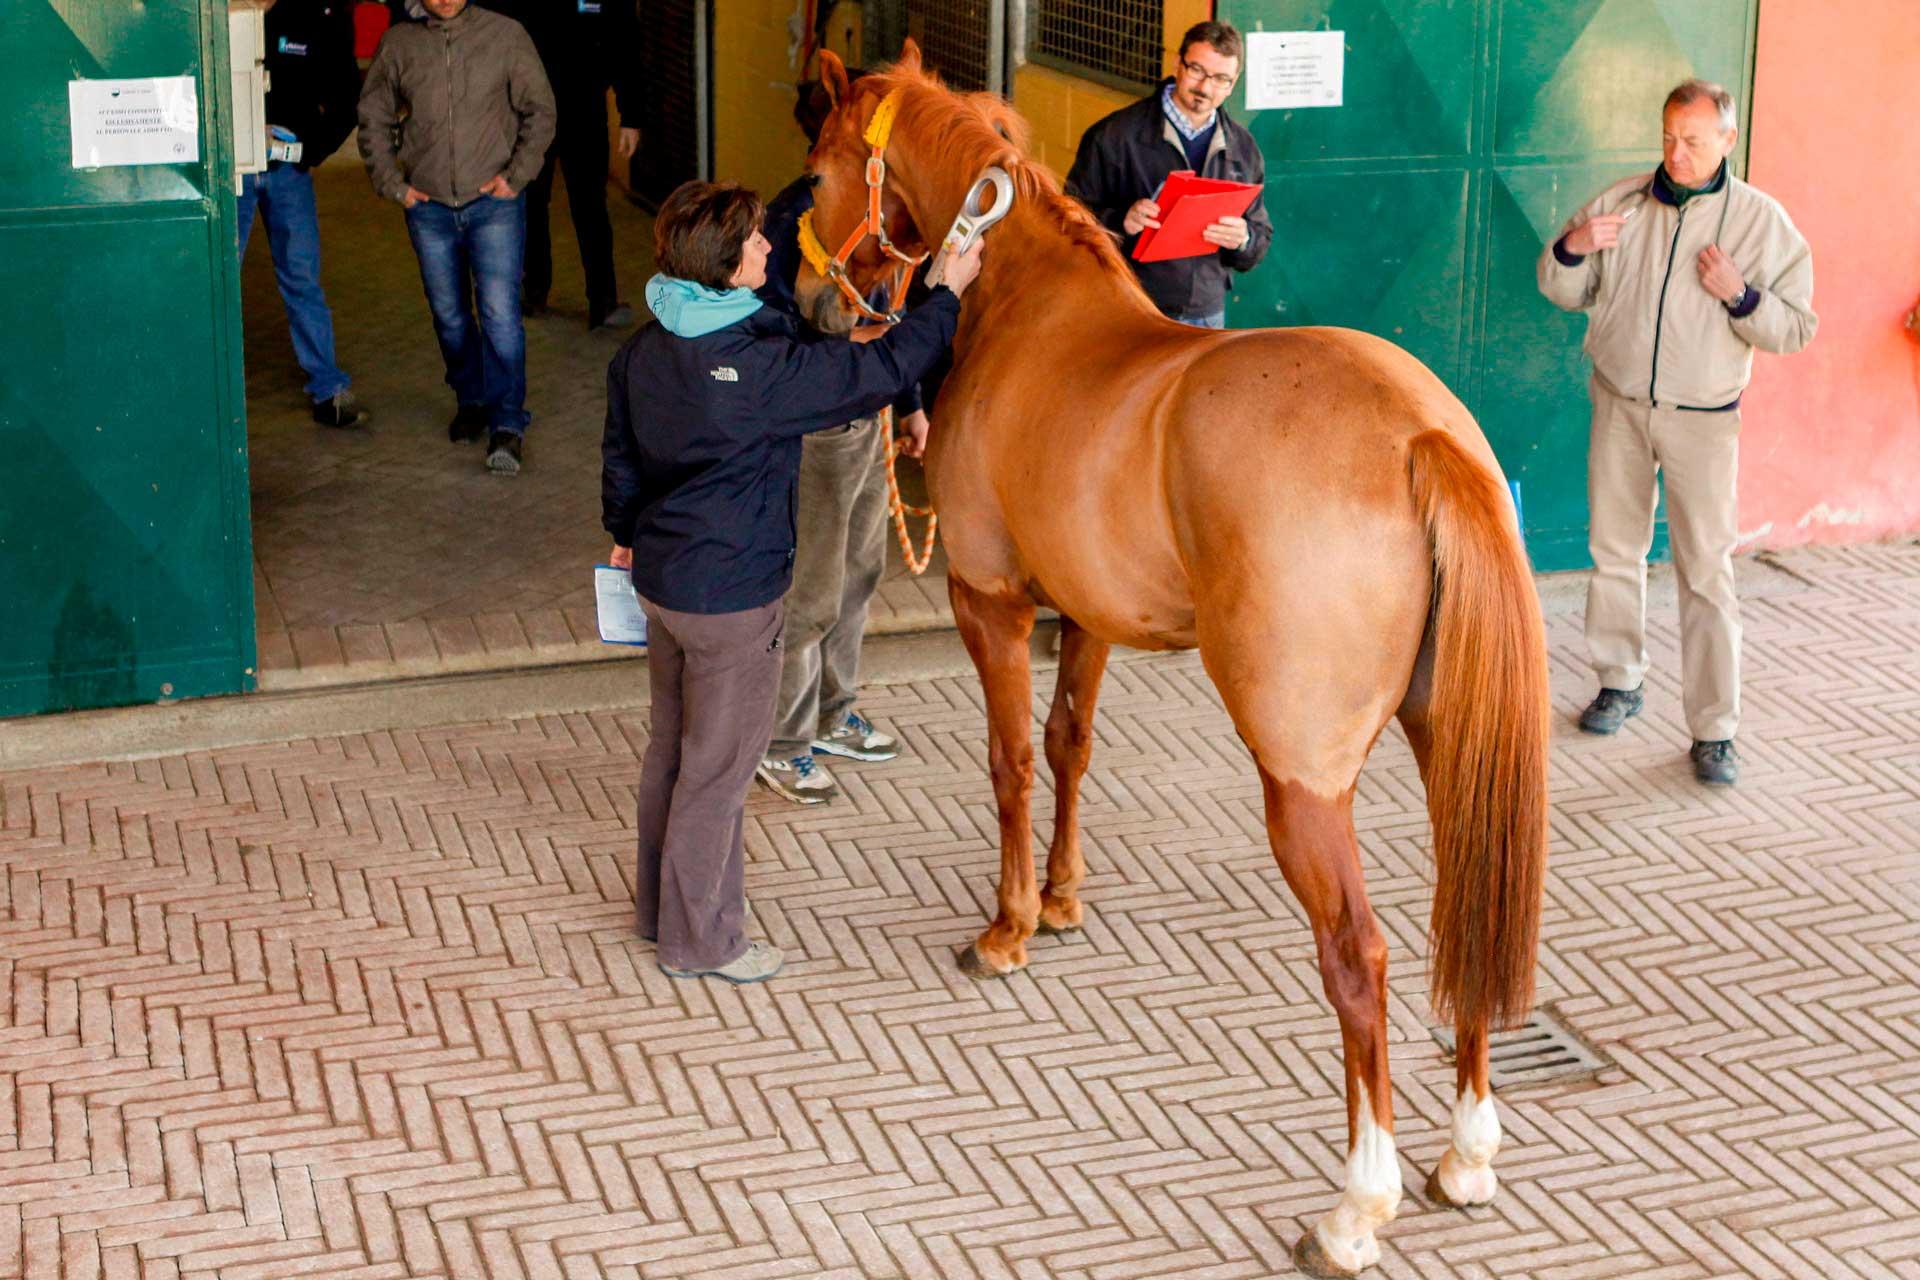 LE PRE-VISITE VETERINARIE - Si procede all'identificazione del cavallo mediante lettura elettronica del microchip applicato sotto alla criniera.